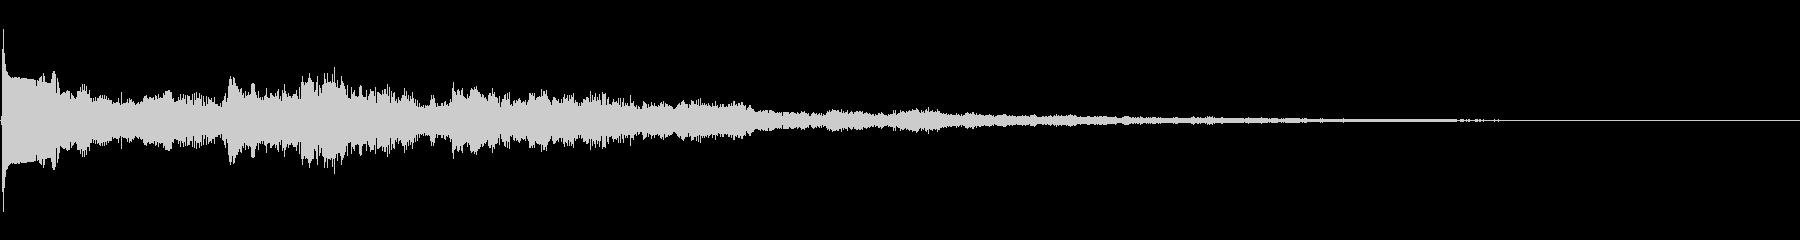 クリック音52サウンドロゴ ニュースの未再生の波形